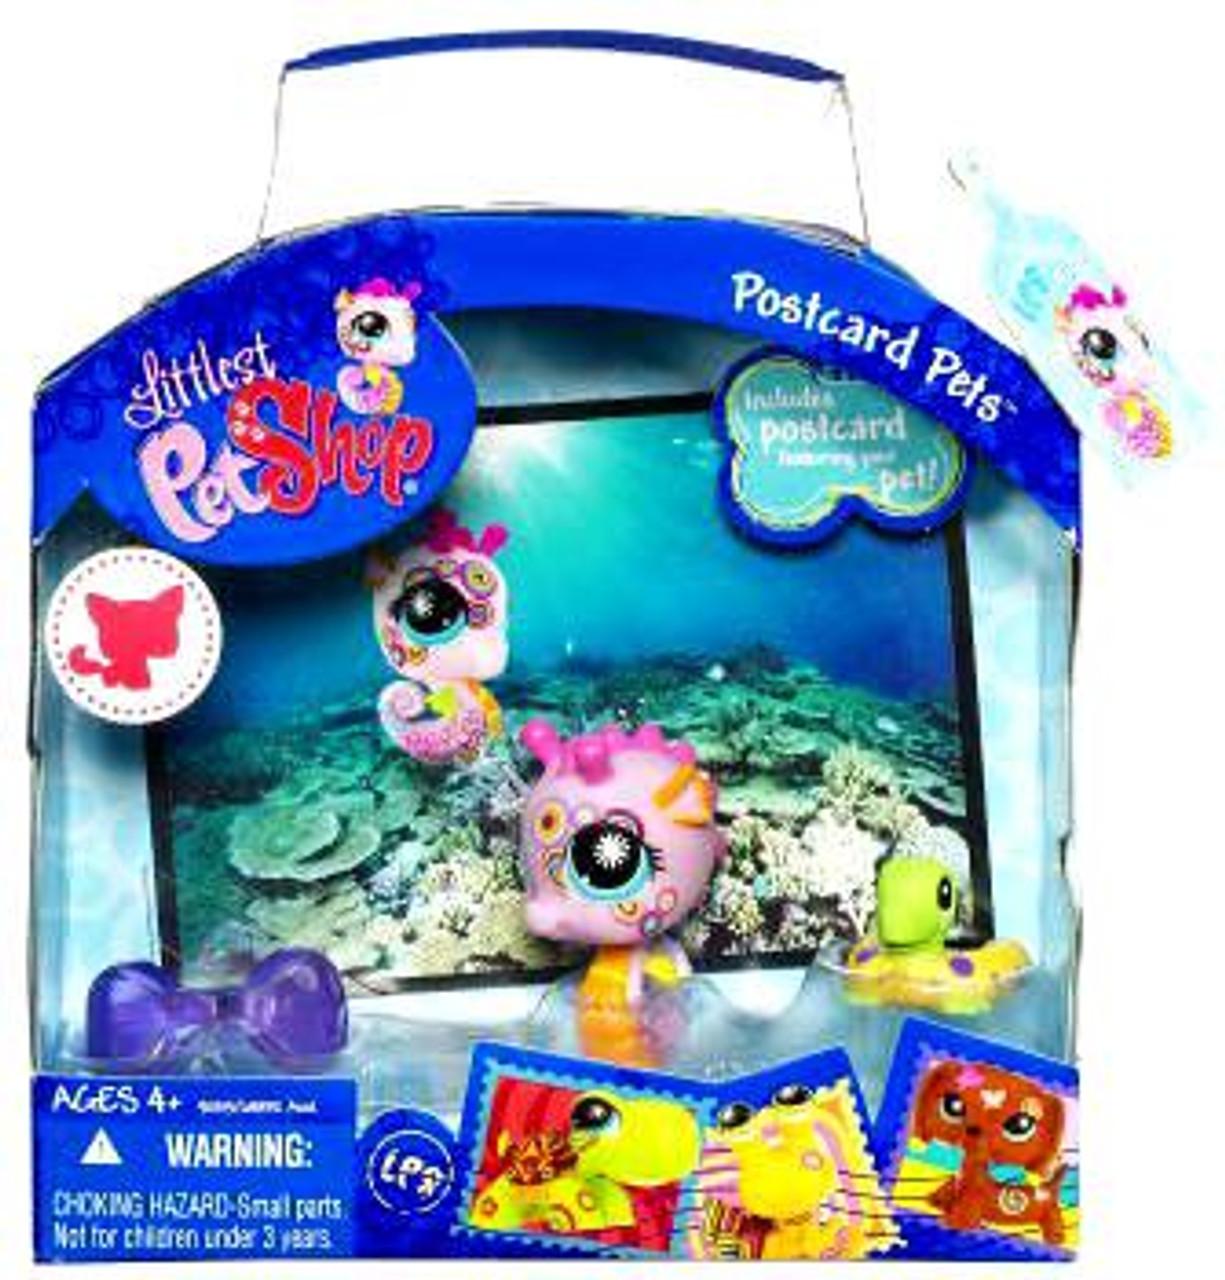 Littlest Pet Shop Postcard Pets Series 2 Seahorse Figure